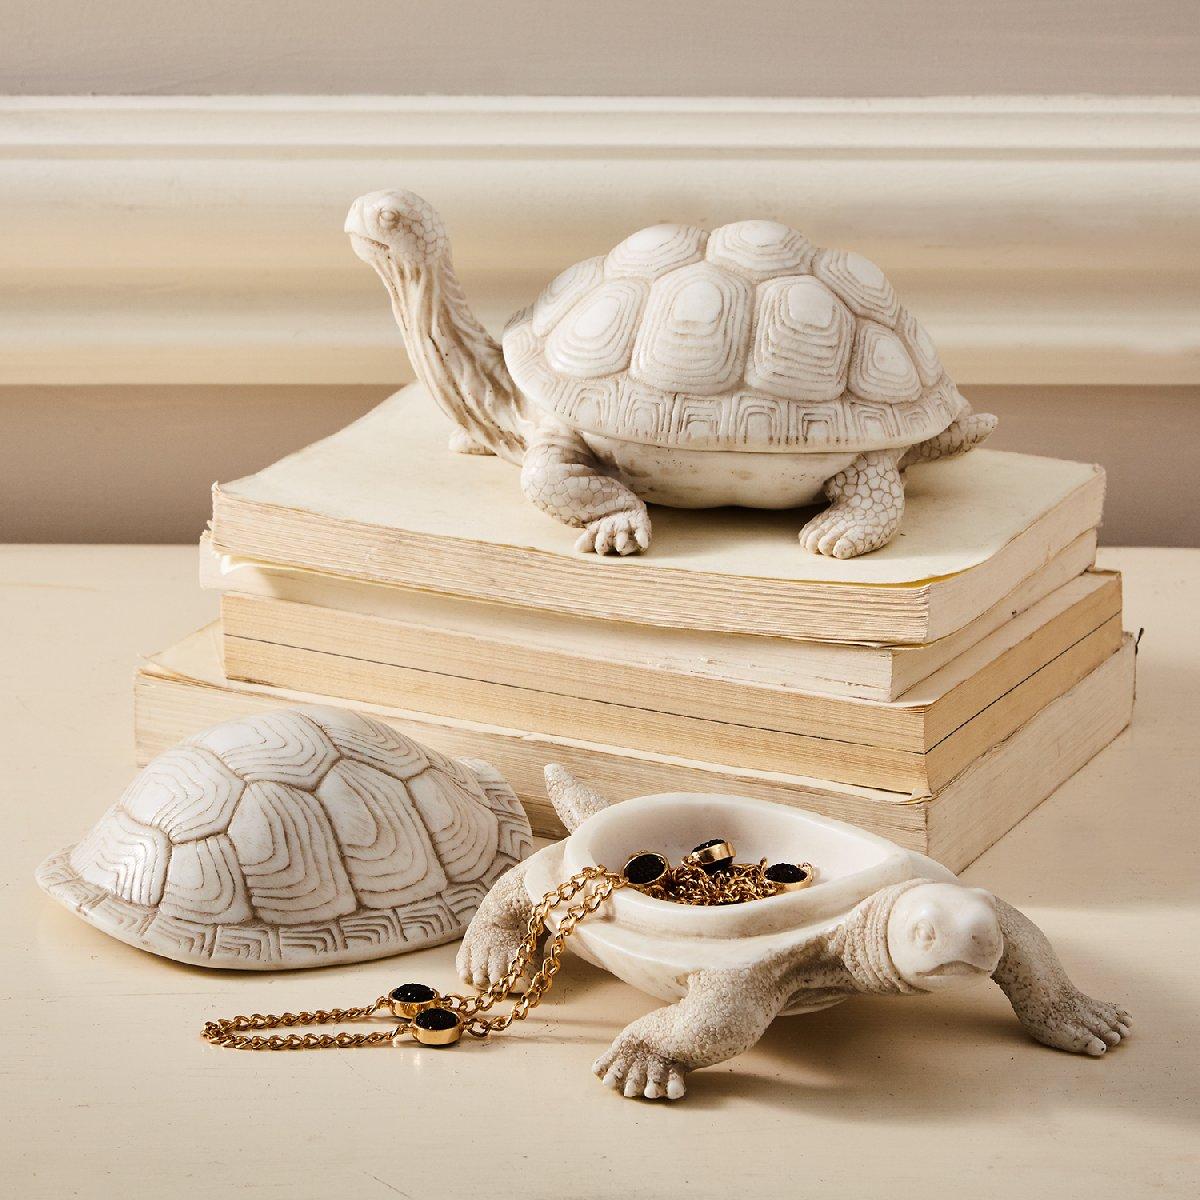 kaplumbaga-seklinde-kapaklu-kutu-324-tl